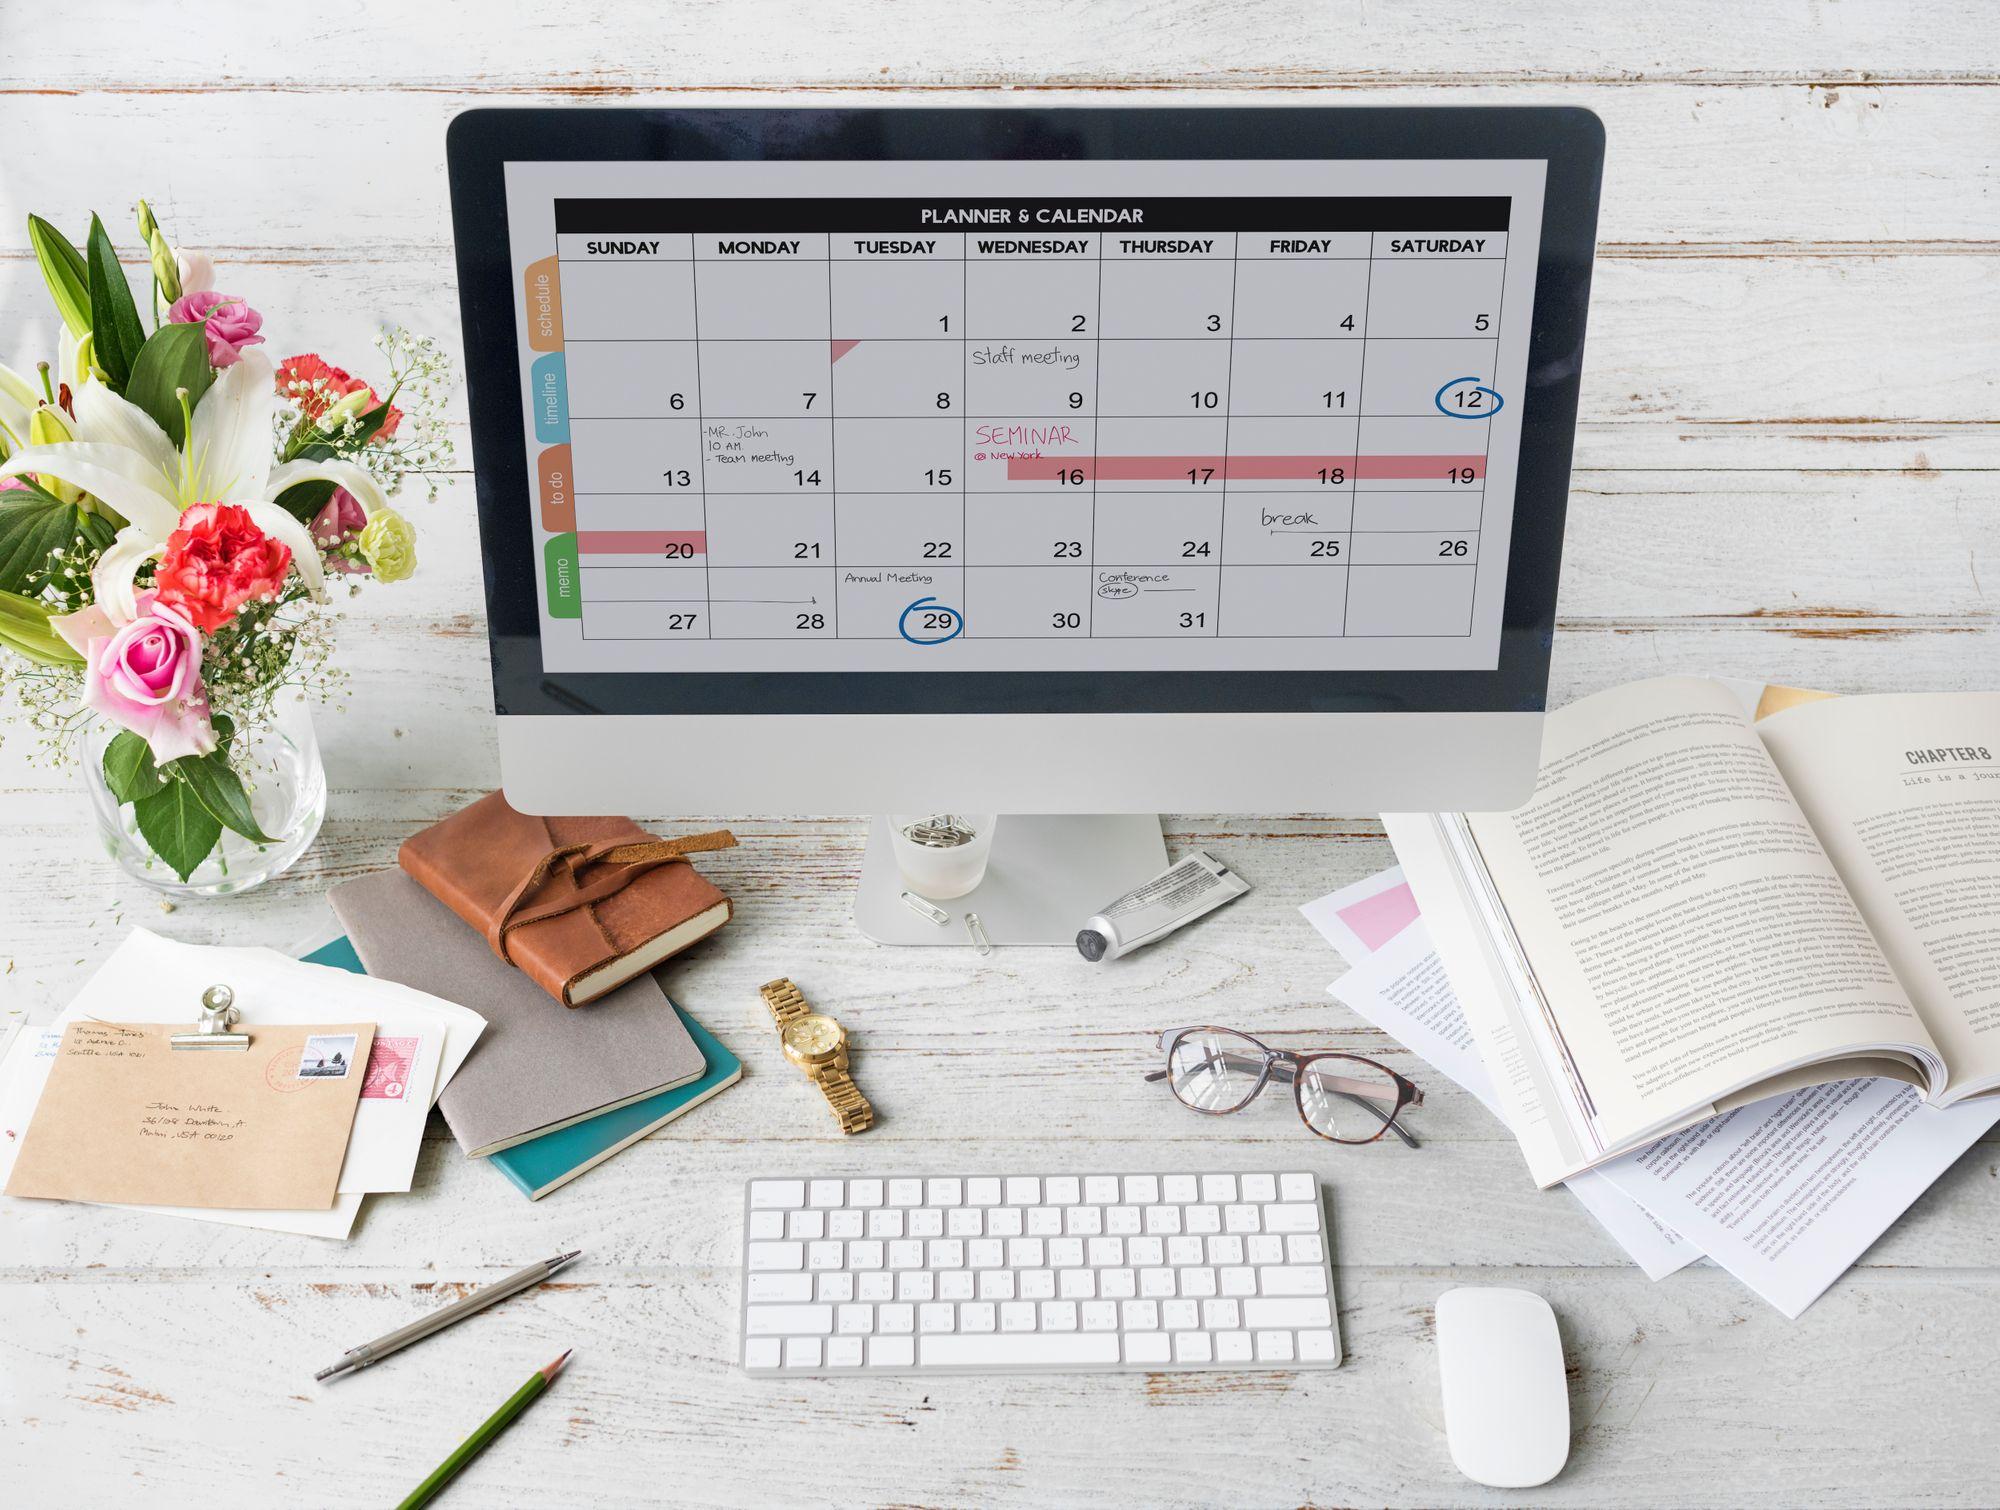 Mantenga su agenda médica completa, incluso en las vacaciones